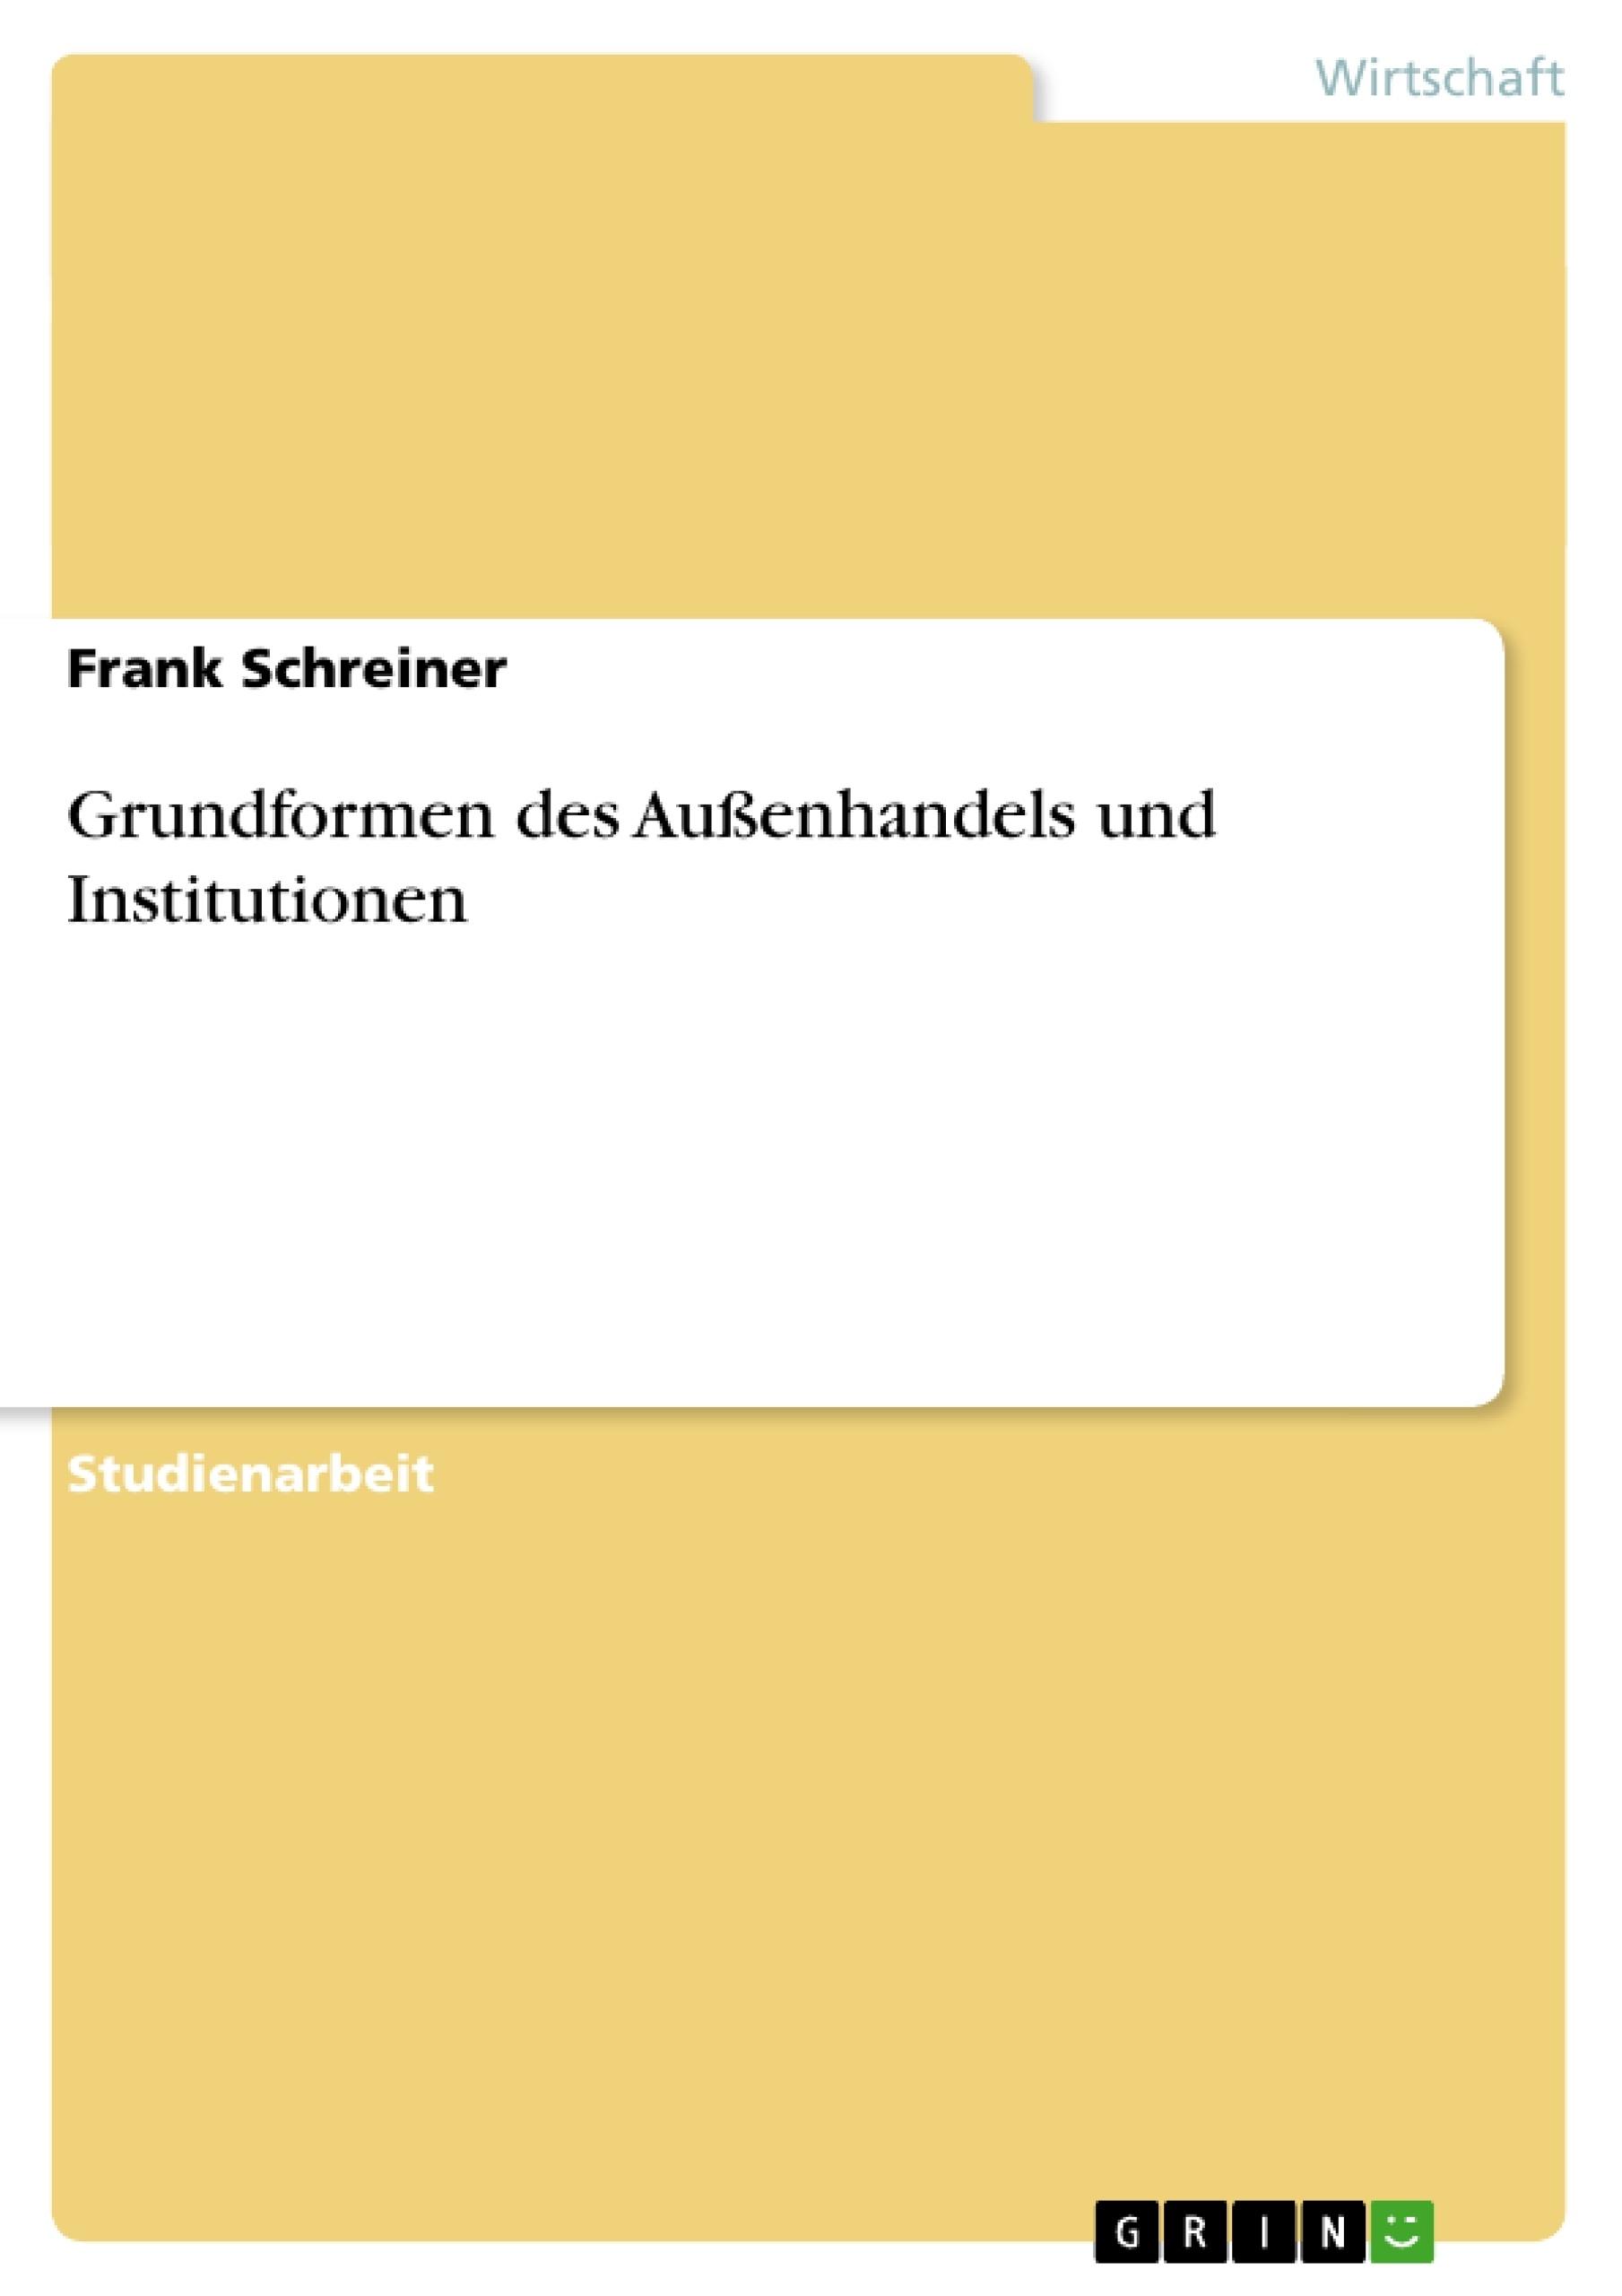 Titel: Grundformen des Außenhandels und Institutionen